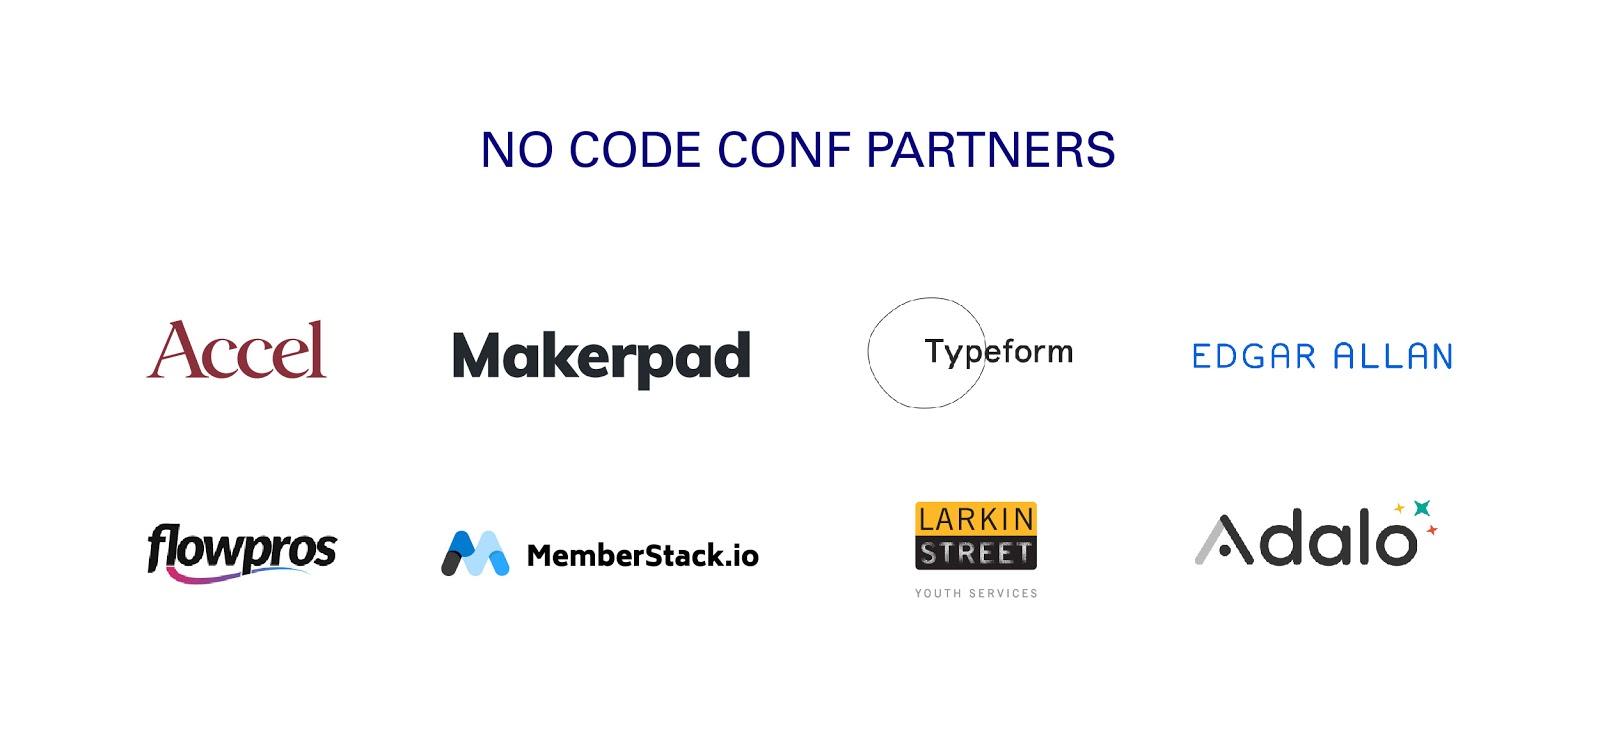 no code sponsors